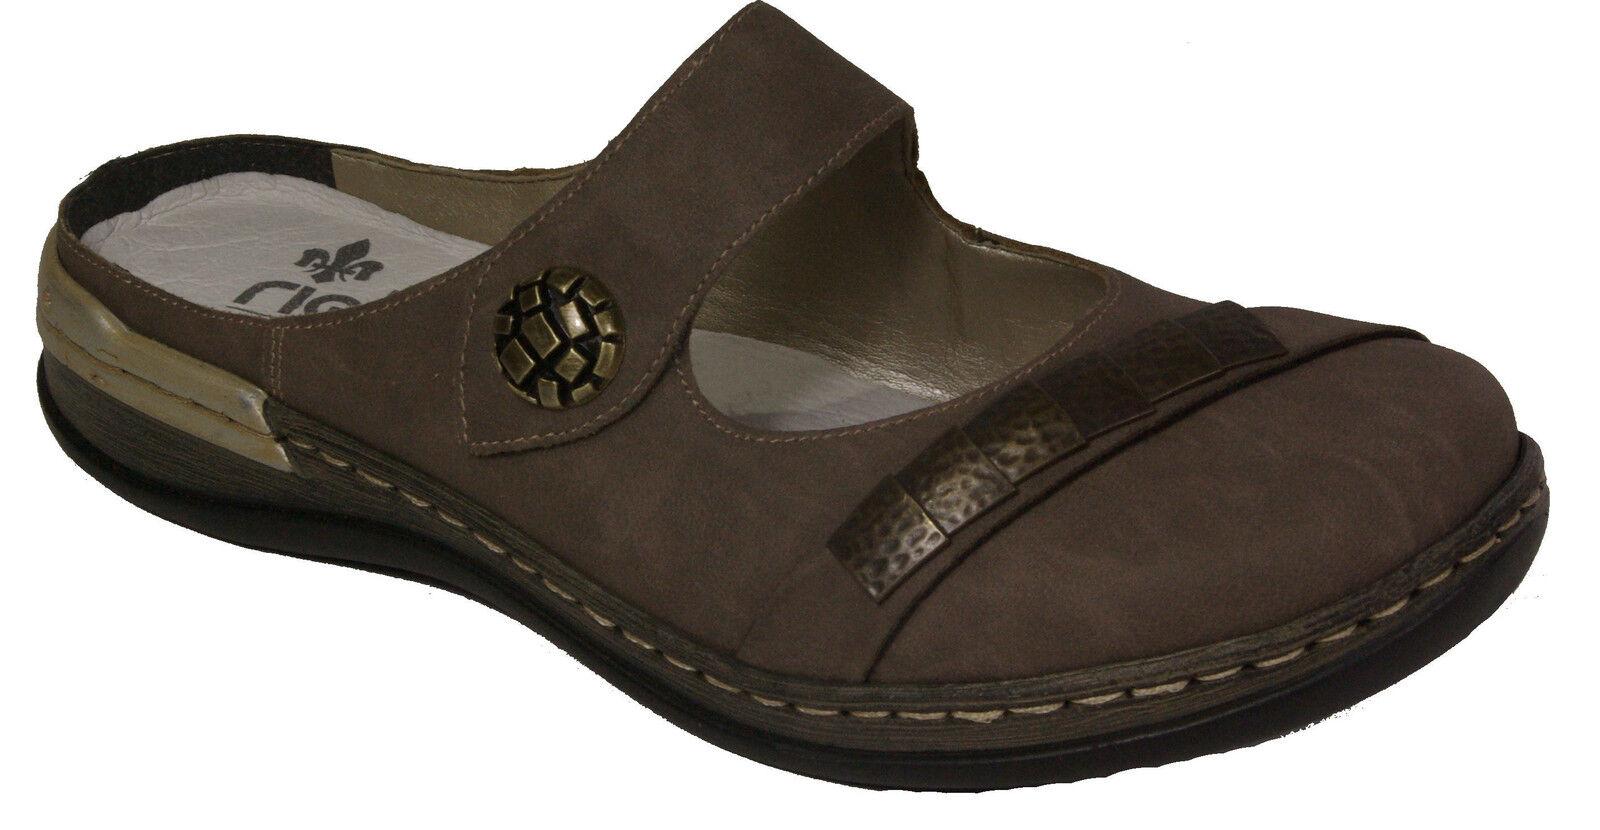 Rieker alla Marrone moda sandali sandali sandali Clogs Grigio Marrone alla Chiusura ... 0f6fe2